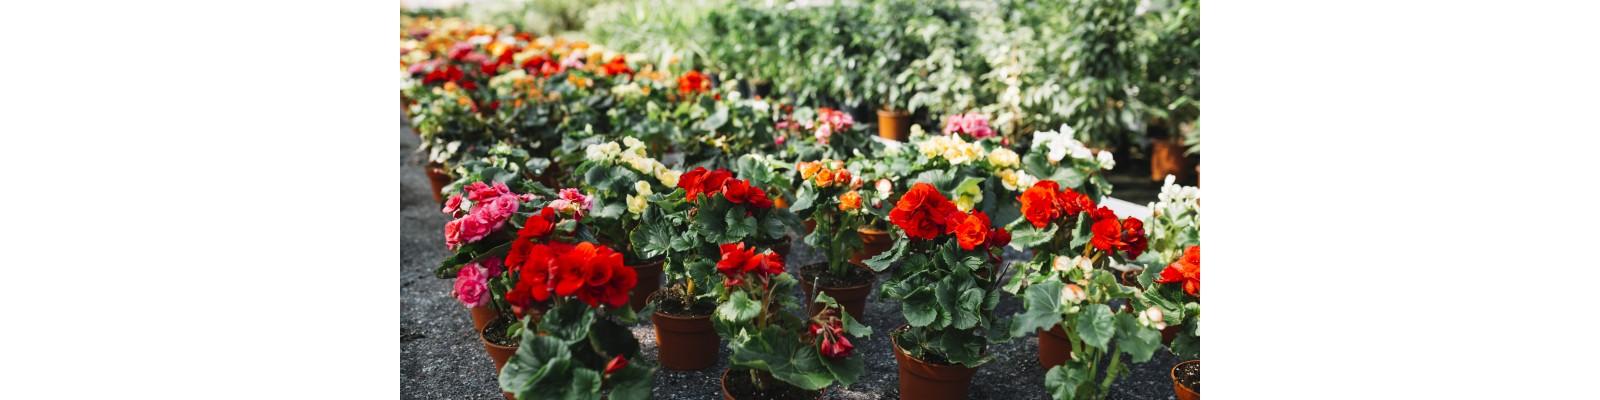 Specii de flori cultivate in sera